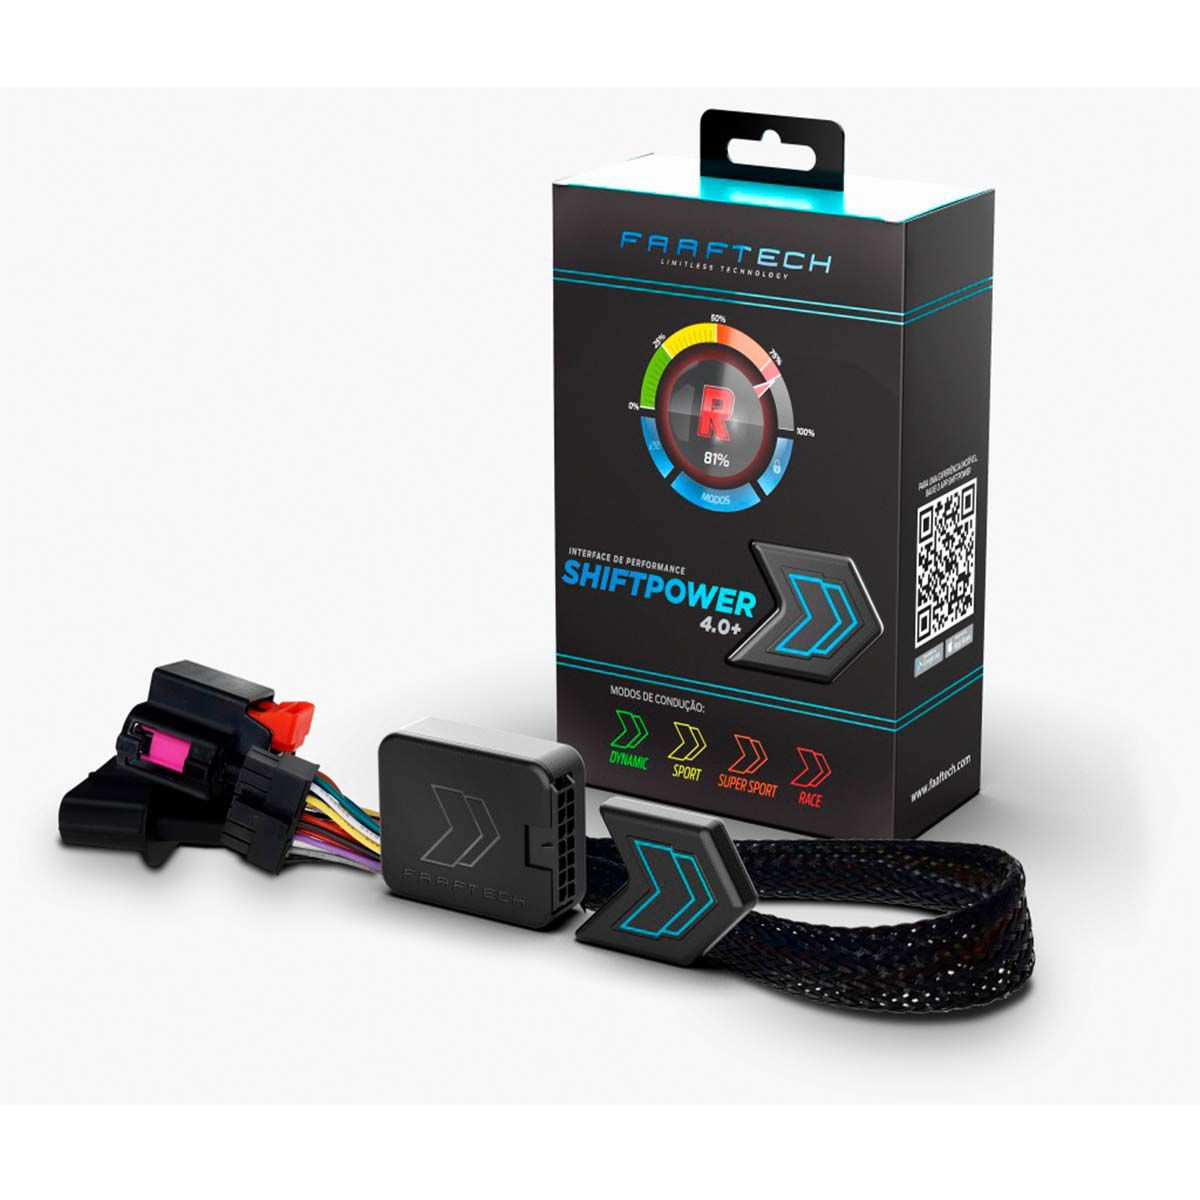 Shift Power Novo 4.0+ Ssangyong Chip Acelerador Plug Play Bluetooth Faaftech FT-SP17+